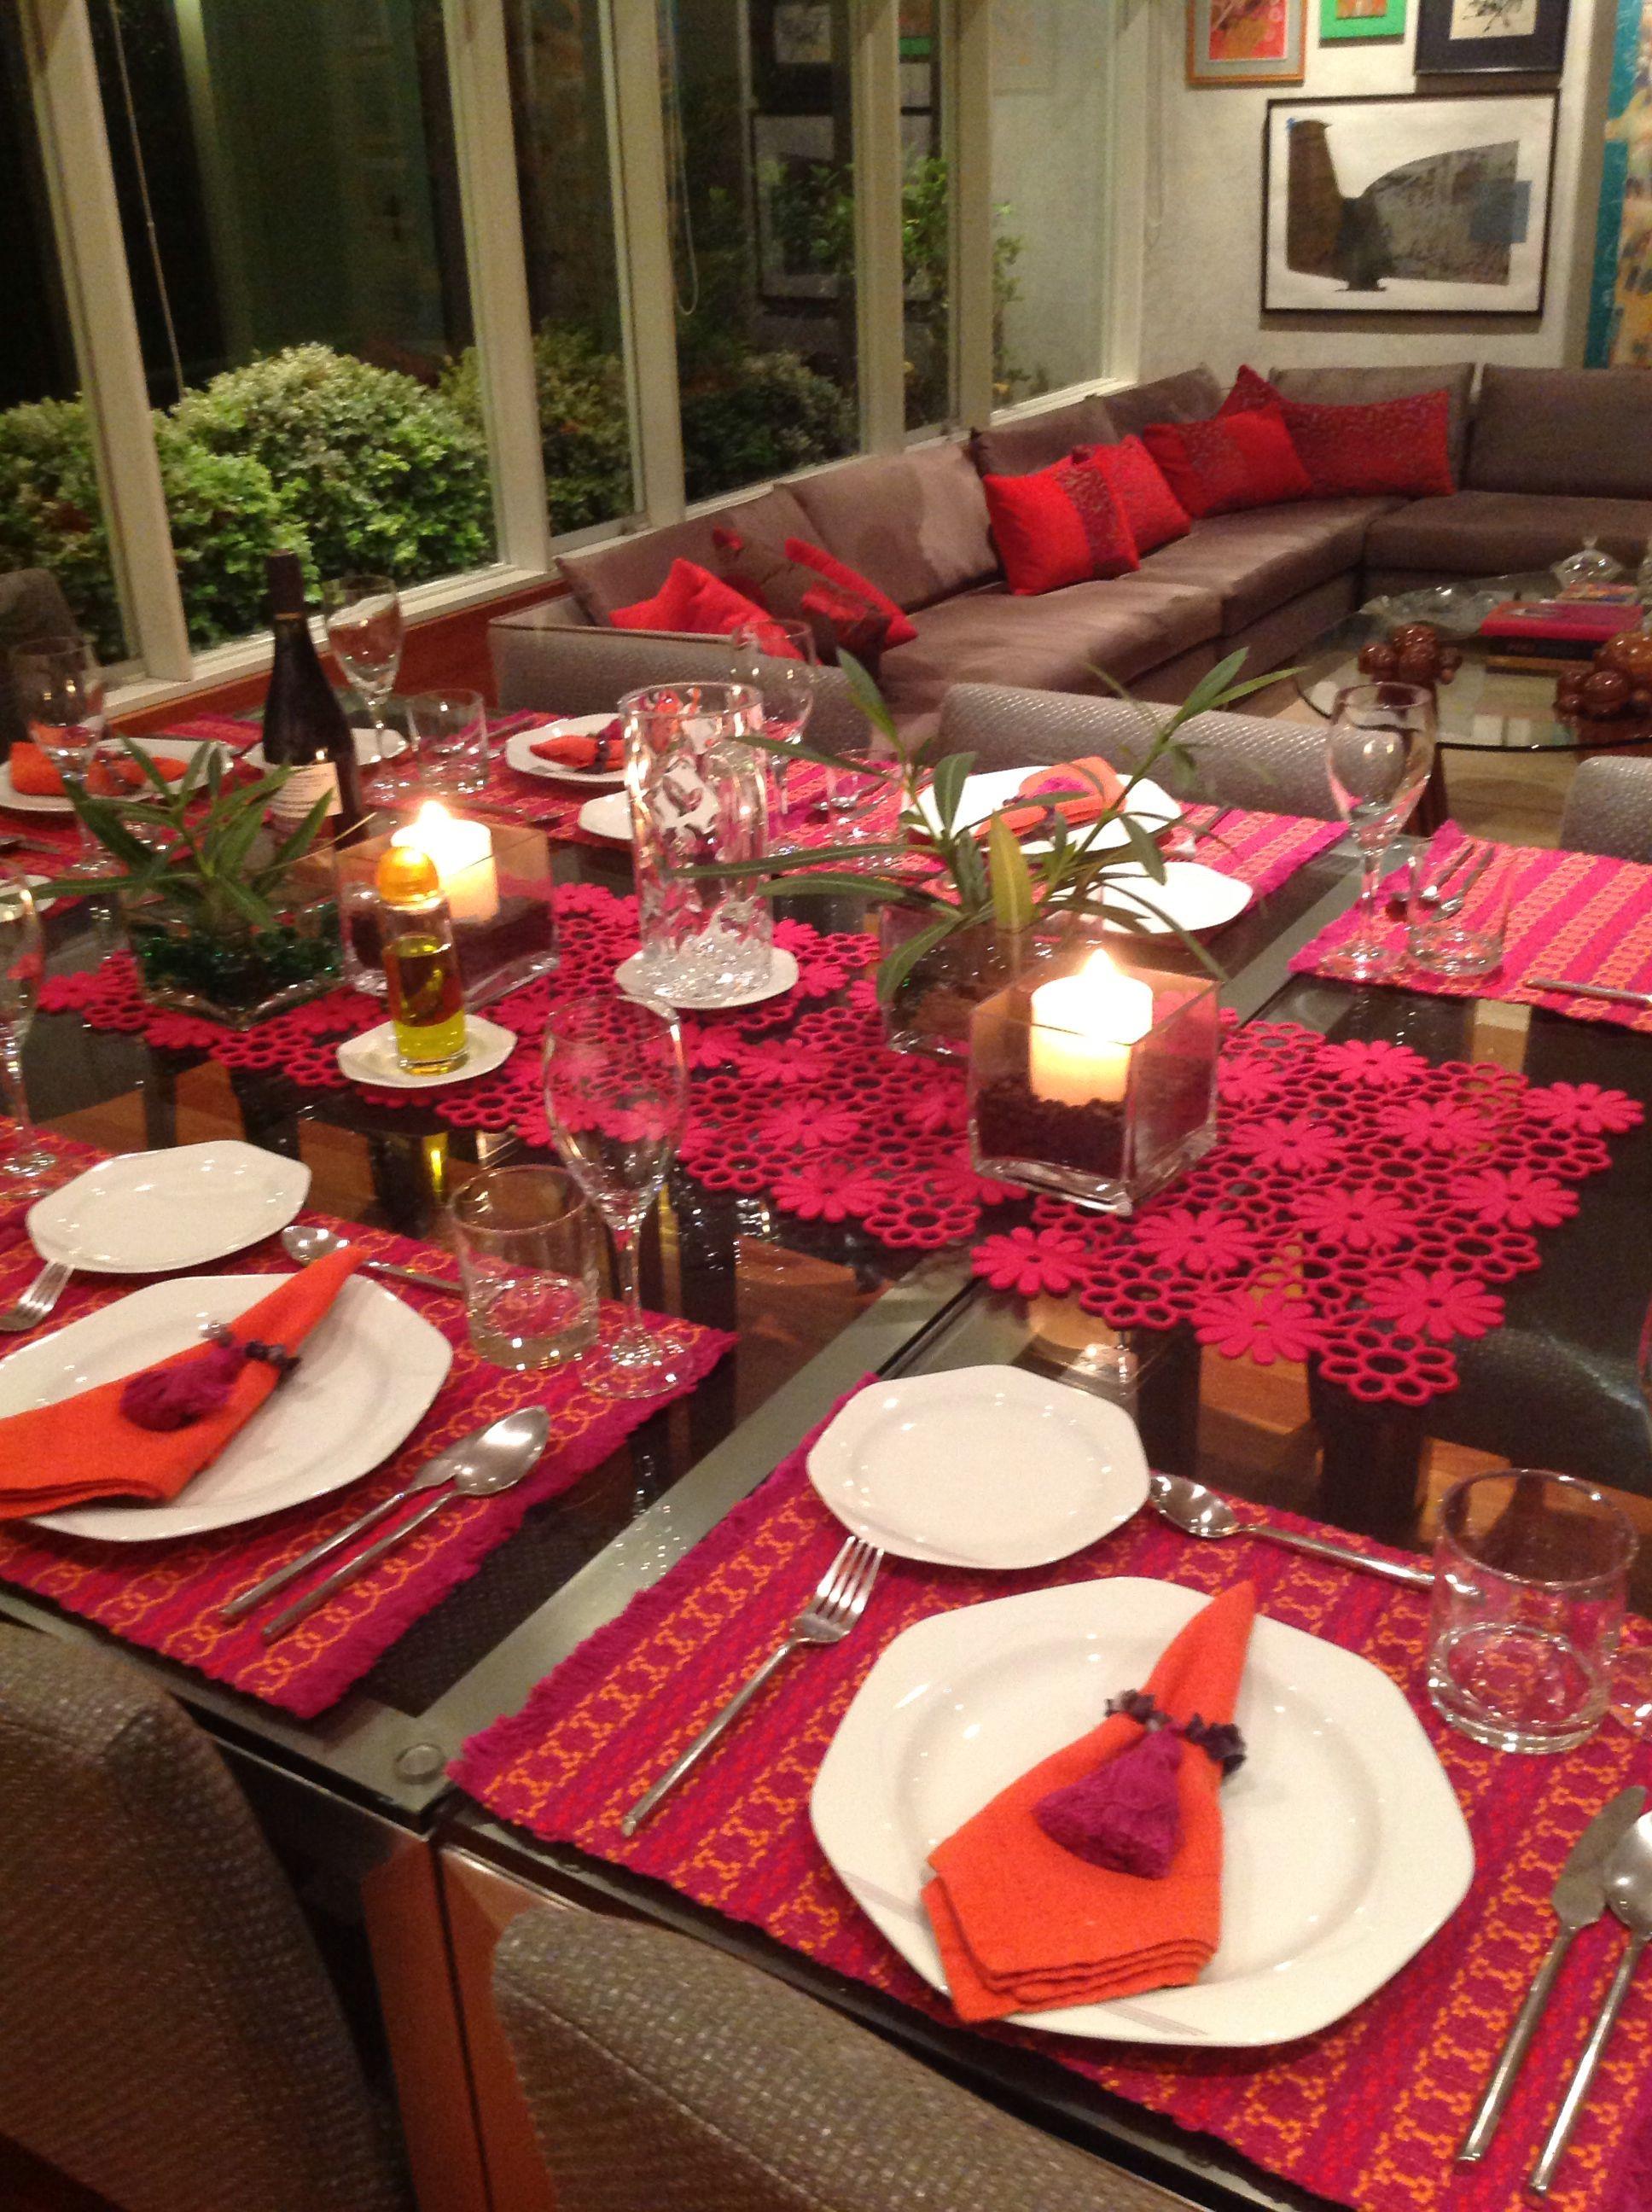 22+ Decoracion romantica en casa ideas